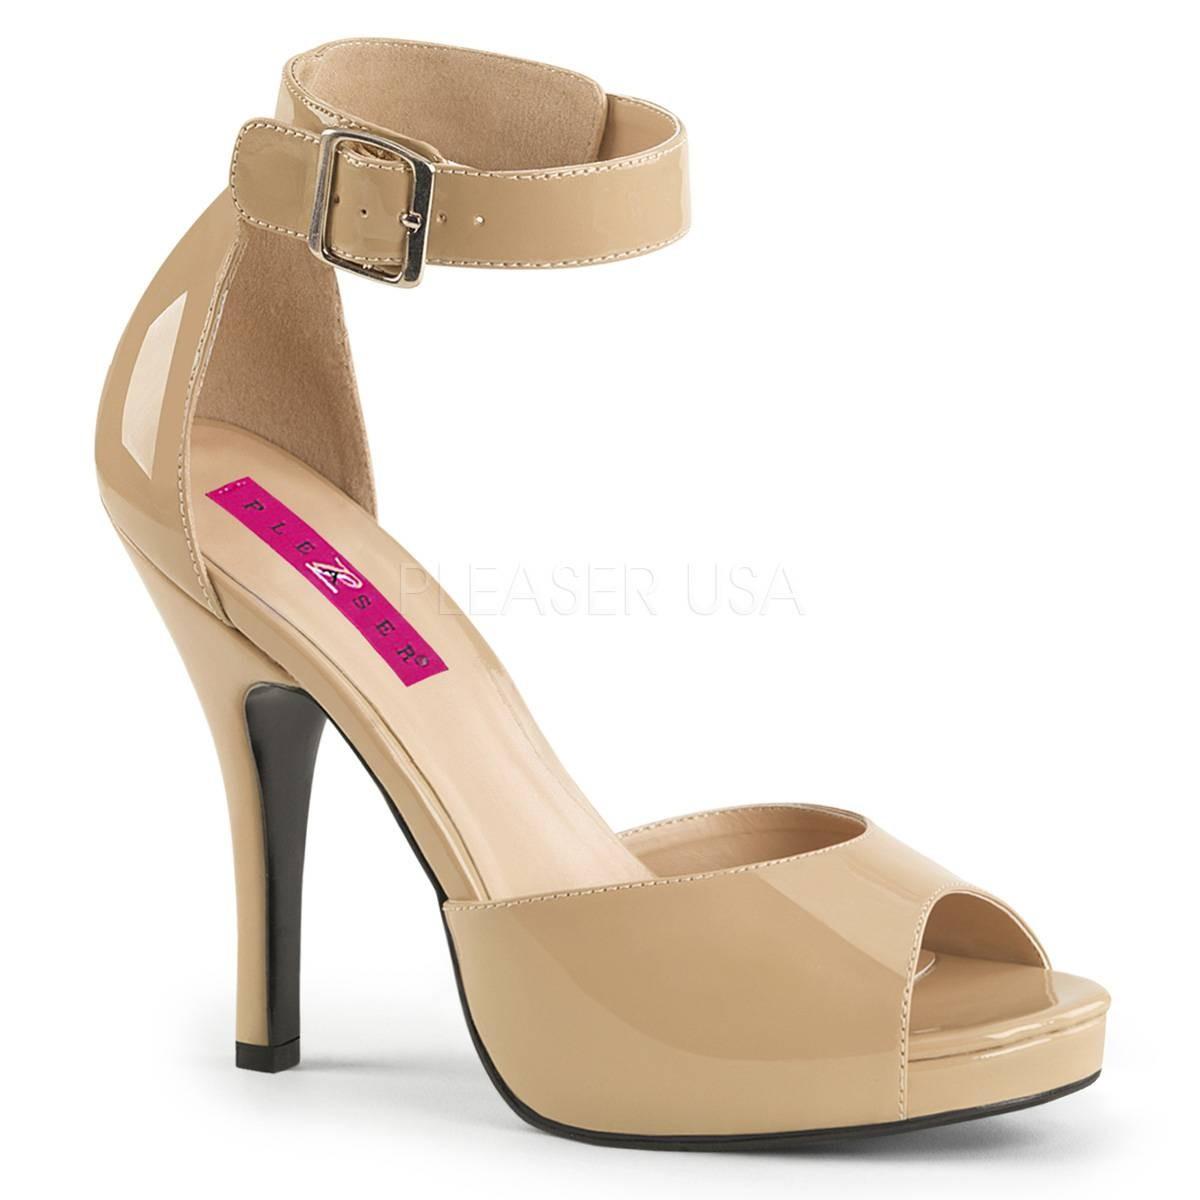 Sandalen - EVE 02 ° Damen Sandalette ° BeigeGlänzend ° Pleaser Pink Label  - Onlineshop RedSixty